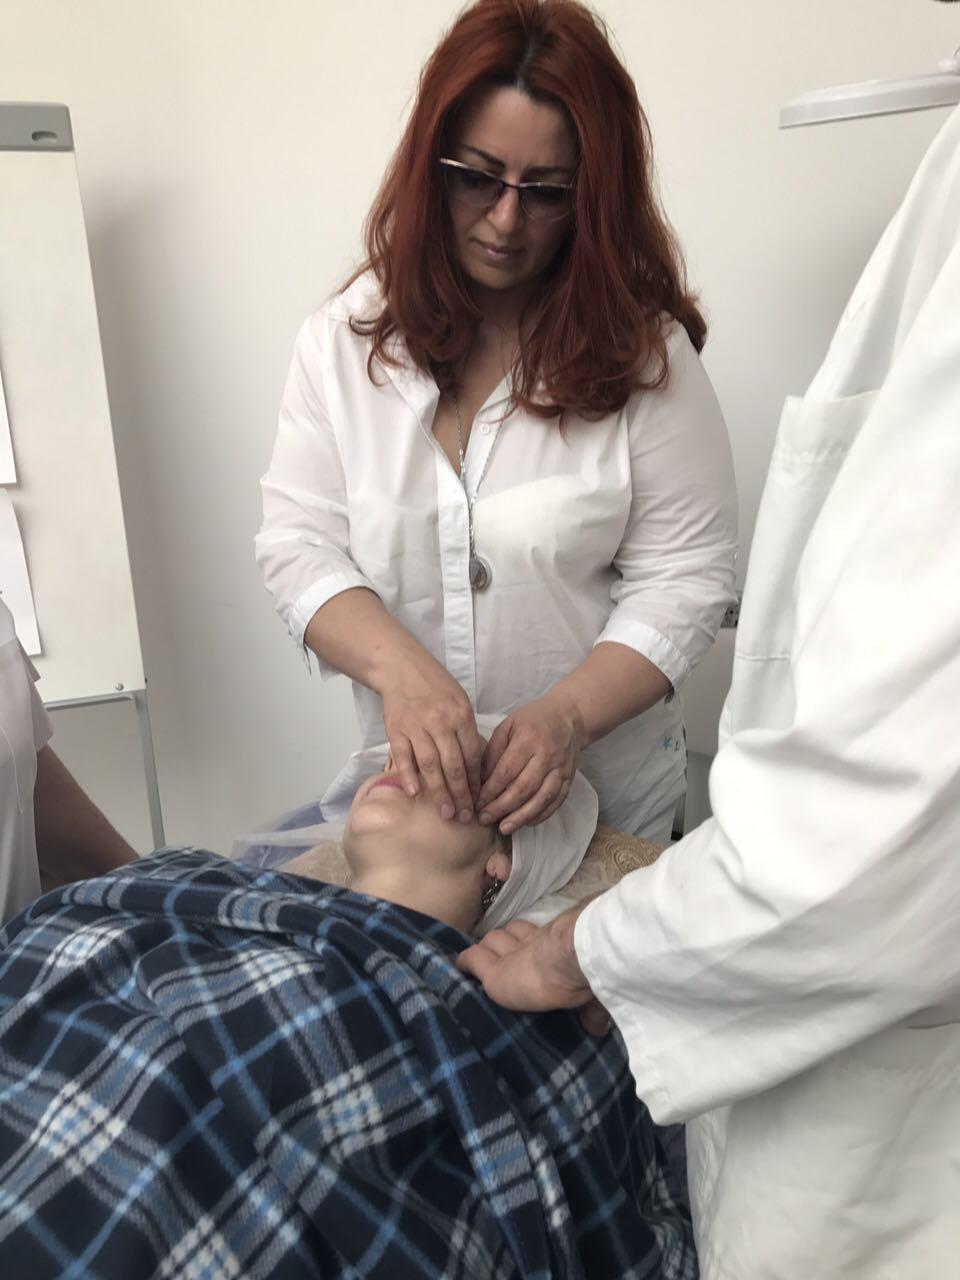 New! Эффективная подтяжка, омоложение - тейпирование лица, шеи, тела, комплексы всего от 5 руб.